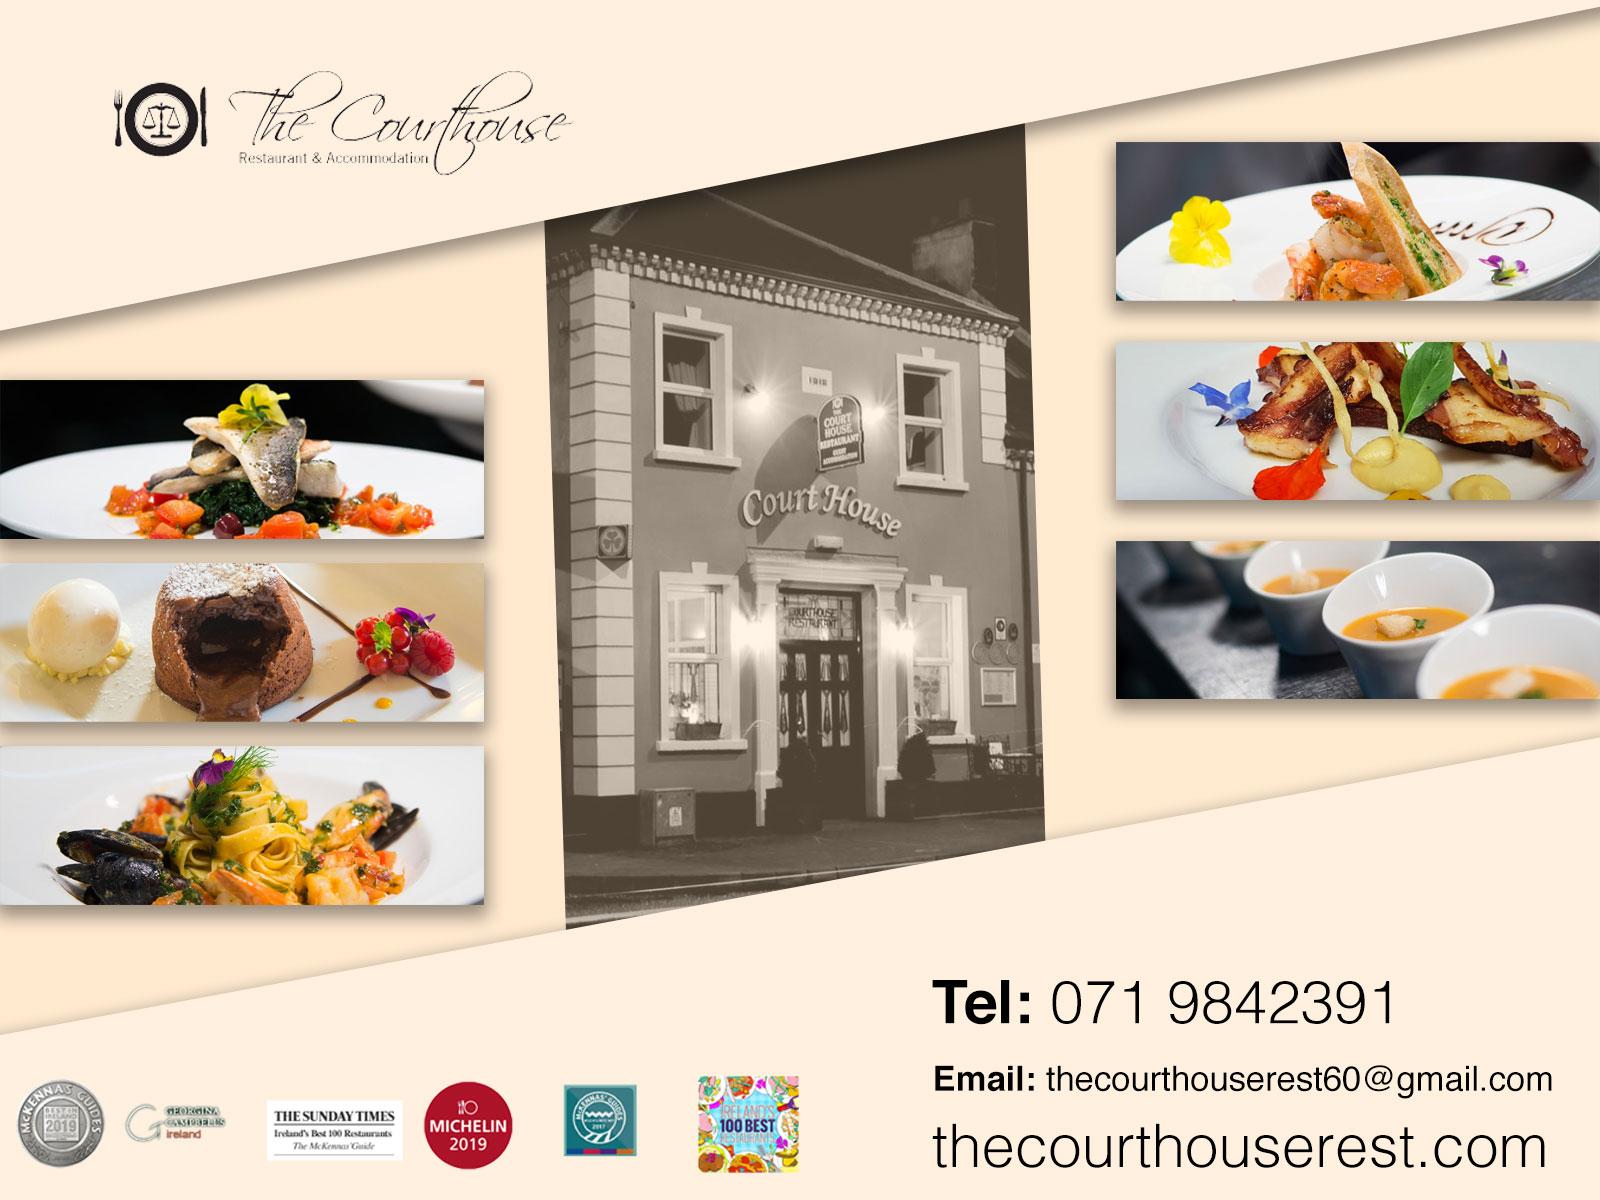 TheCourtHouse